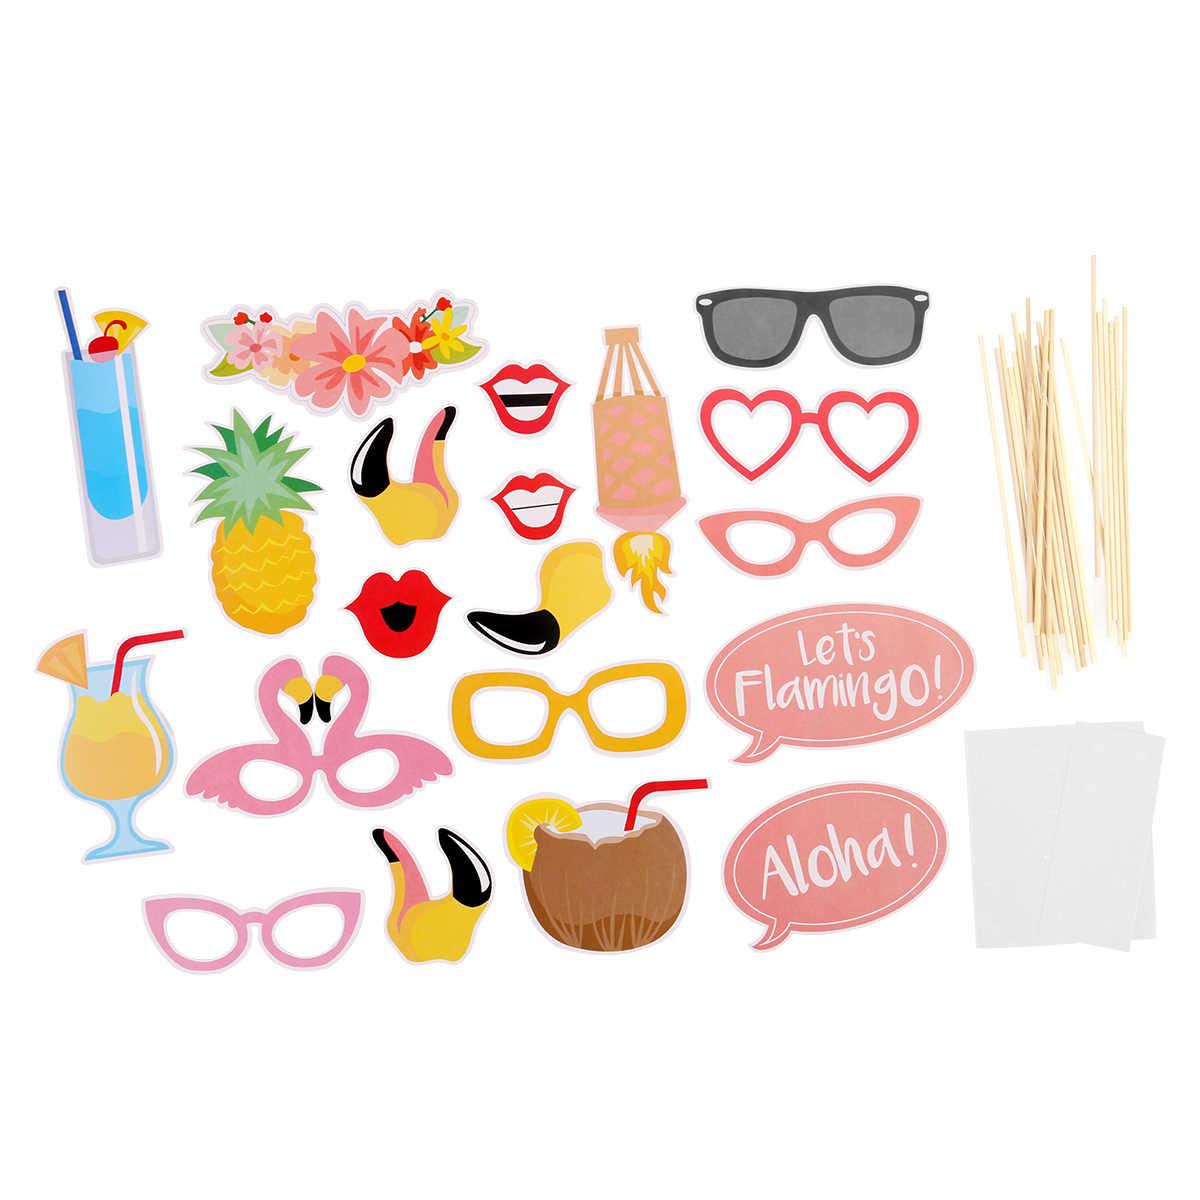 21 шт. Фламинго Гавайи тематические летние фотобанк реквизит Набор DIY подержанные товары Luau для праздника пляжные свадебные украшения